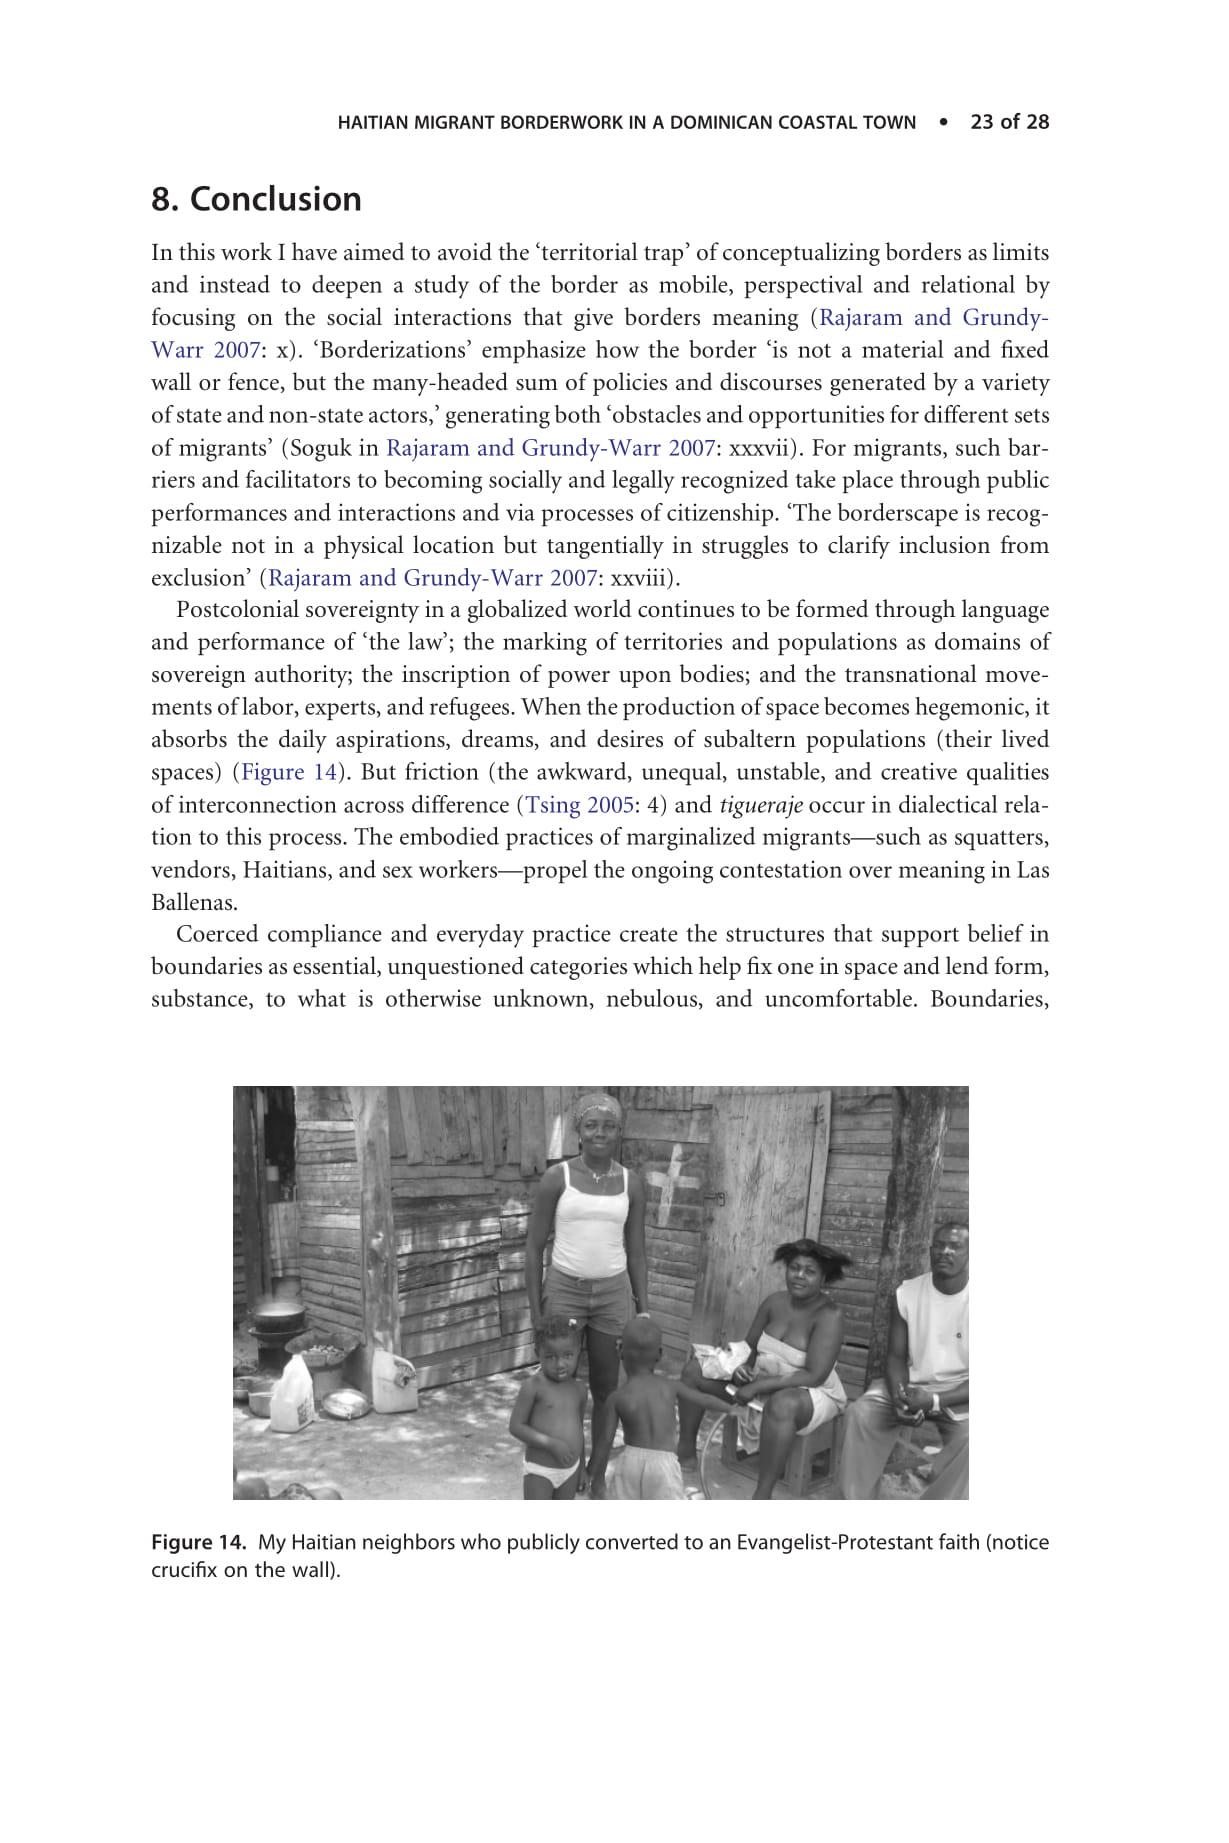 HaitianMigrant (1)-23